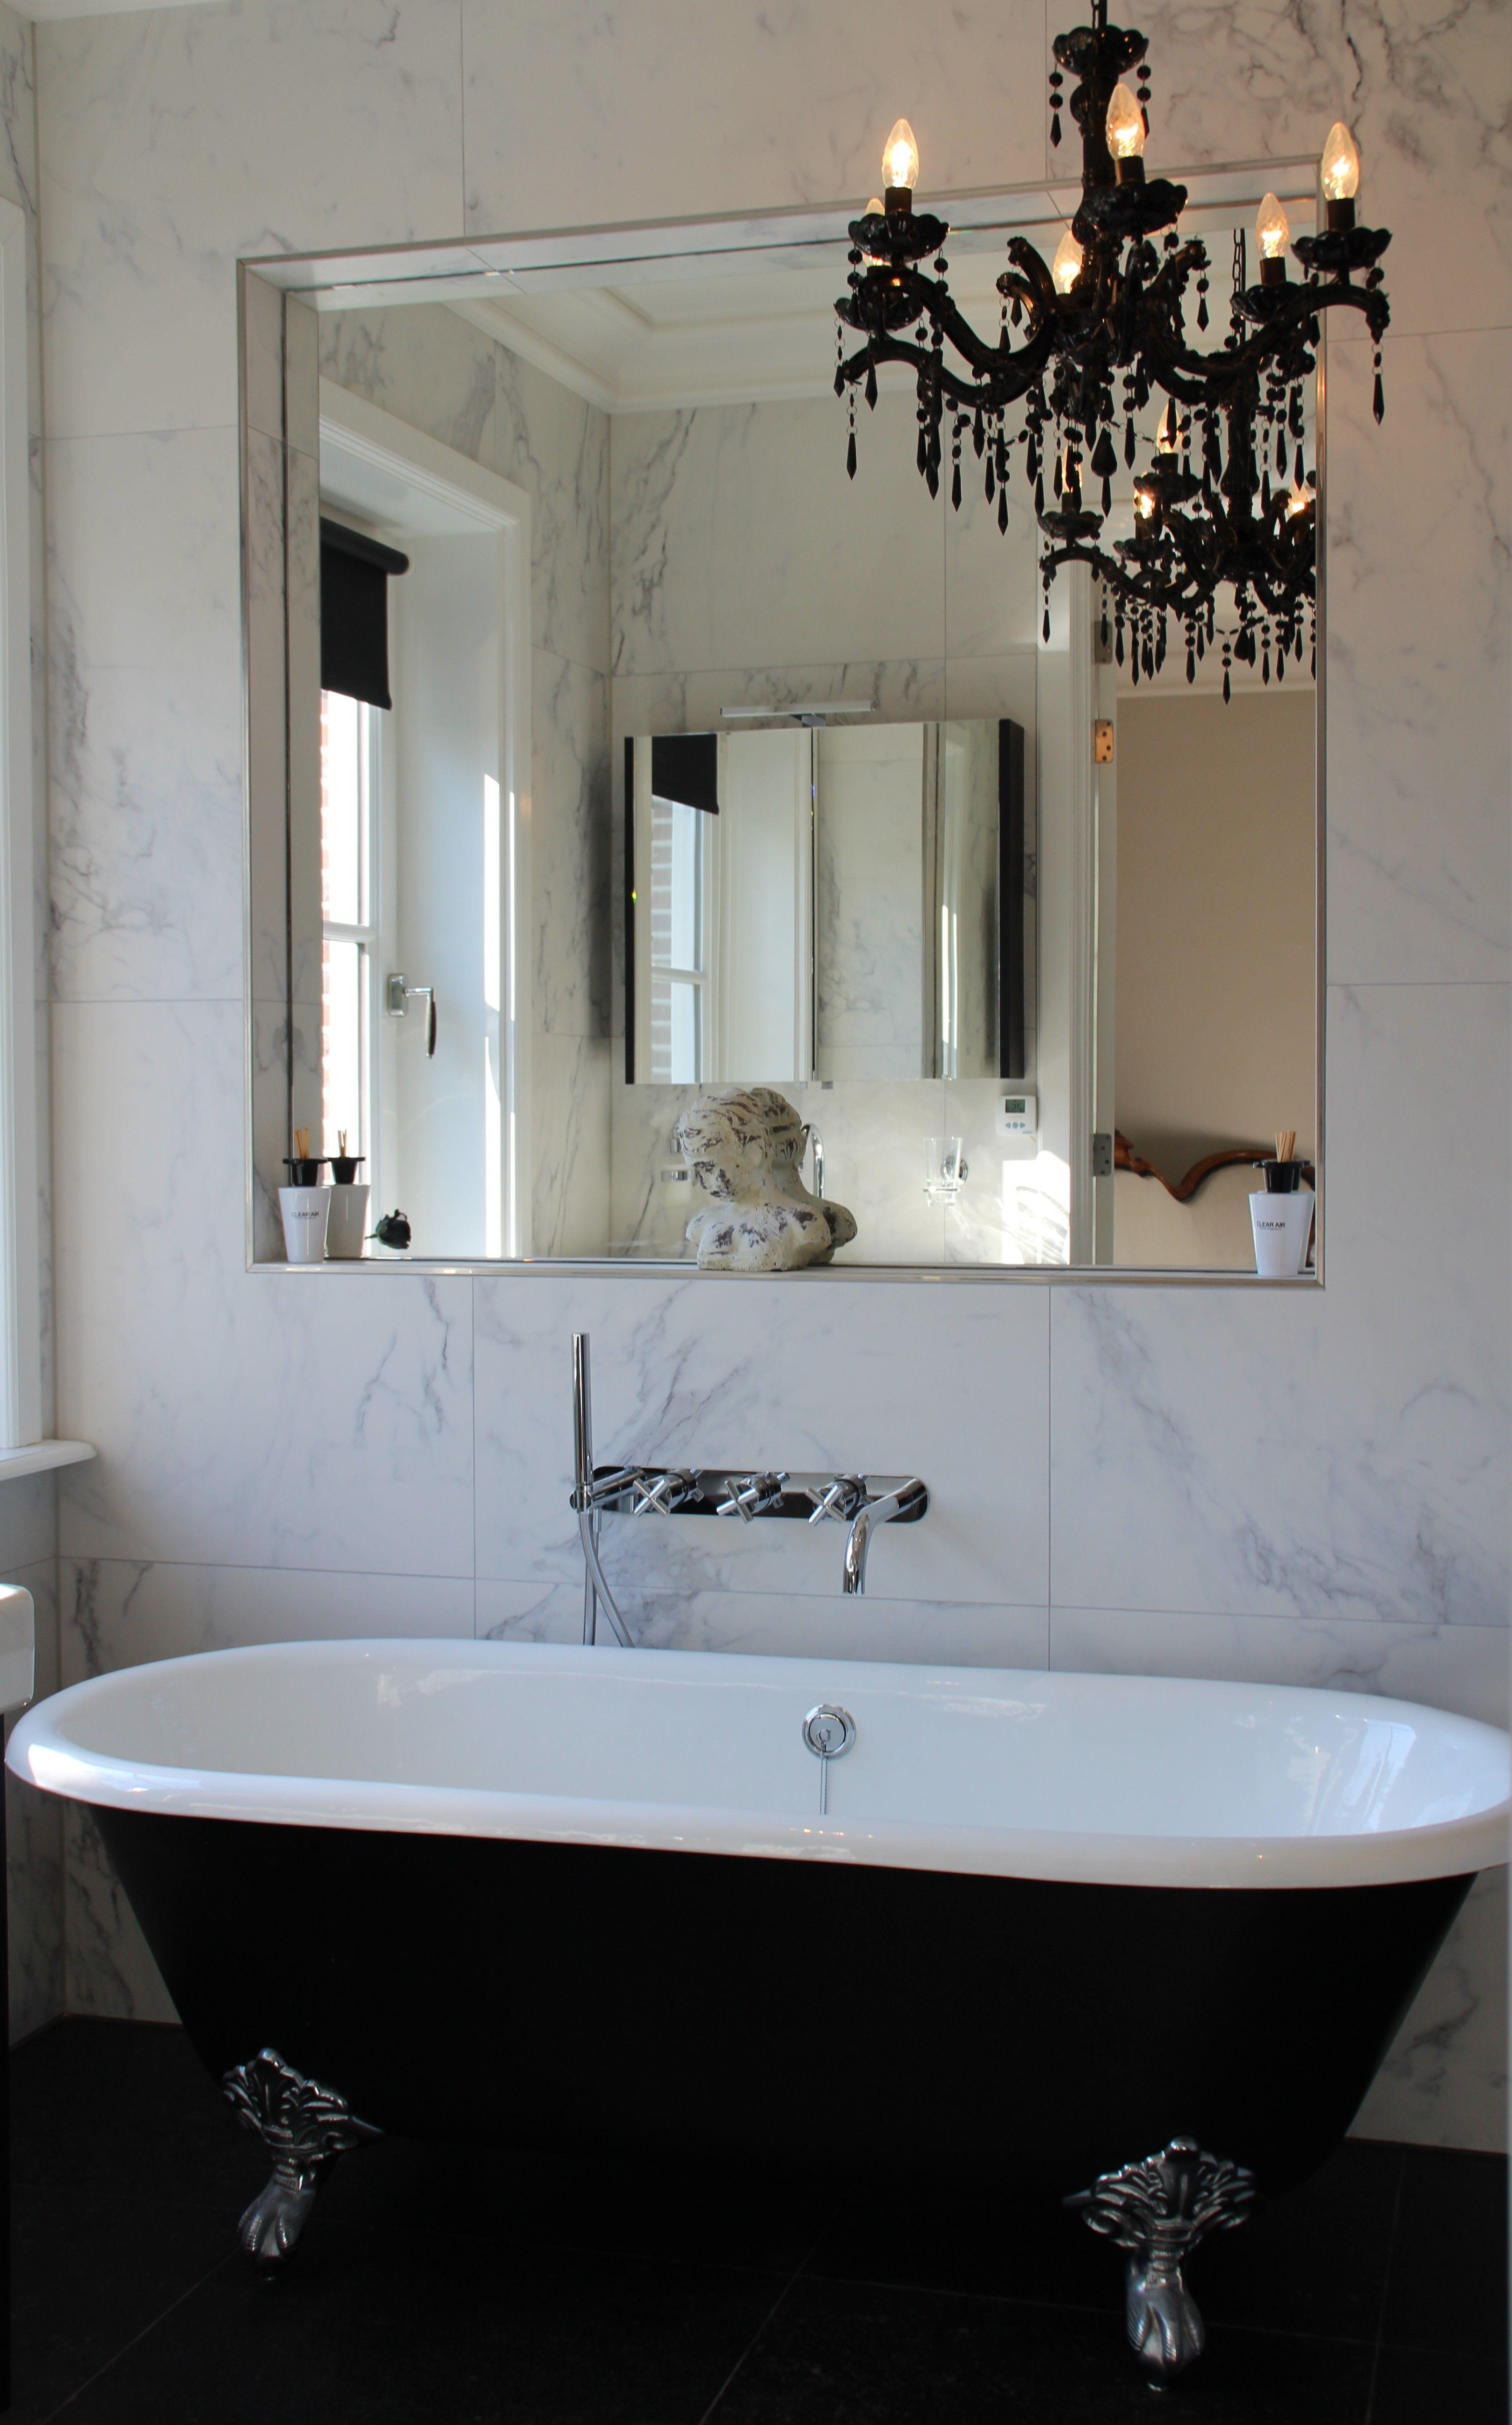 Klassieke badkamer. Van Manen Badkamers Barneveld | VAN MANEN ...